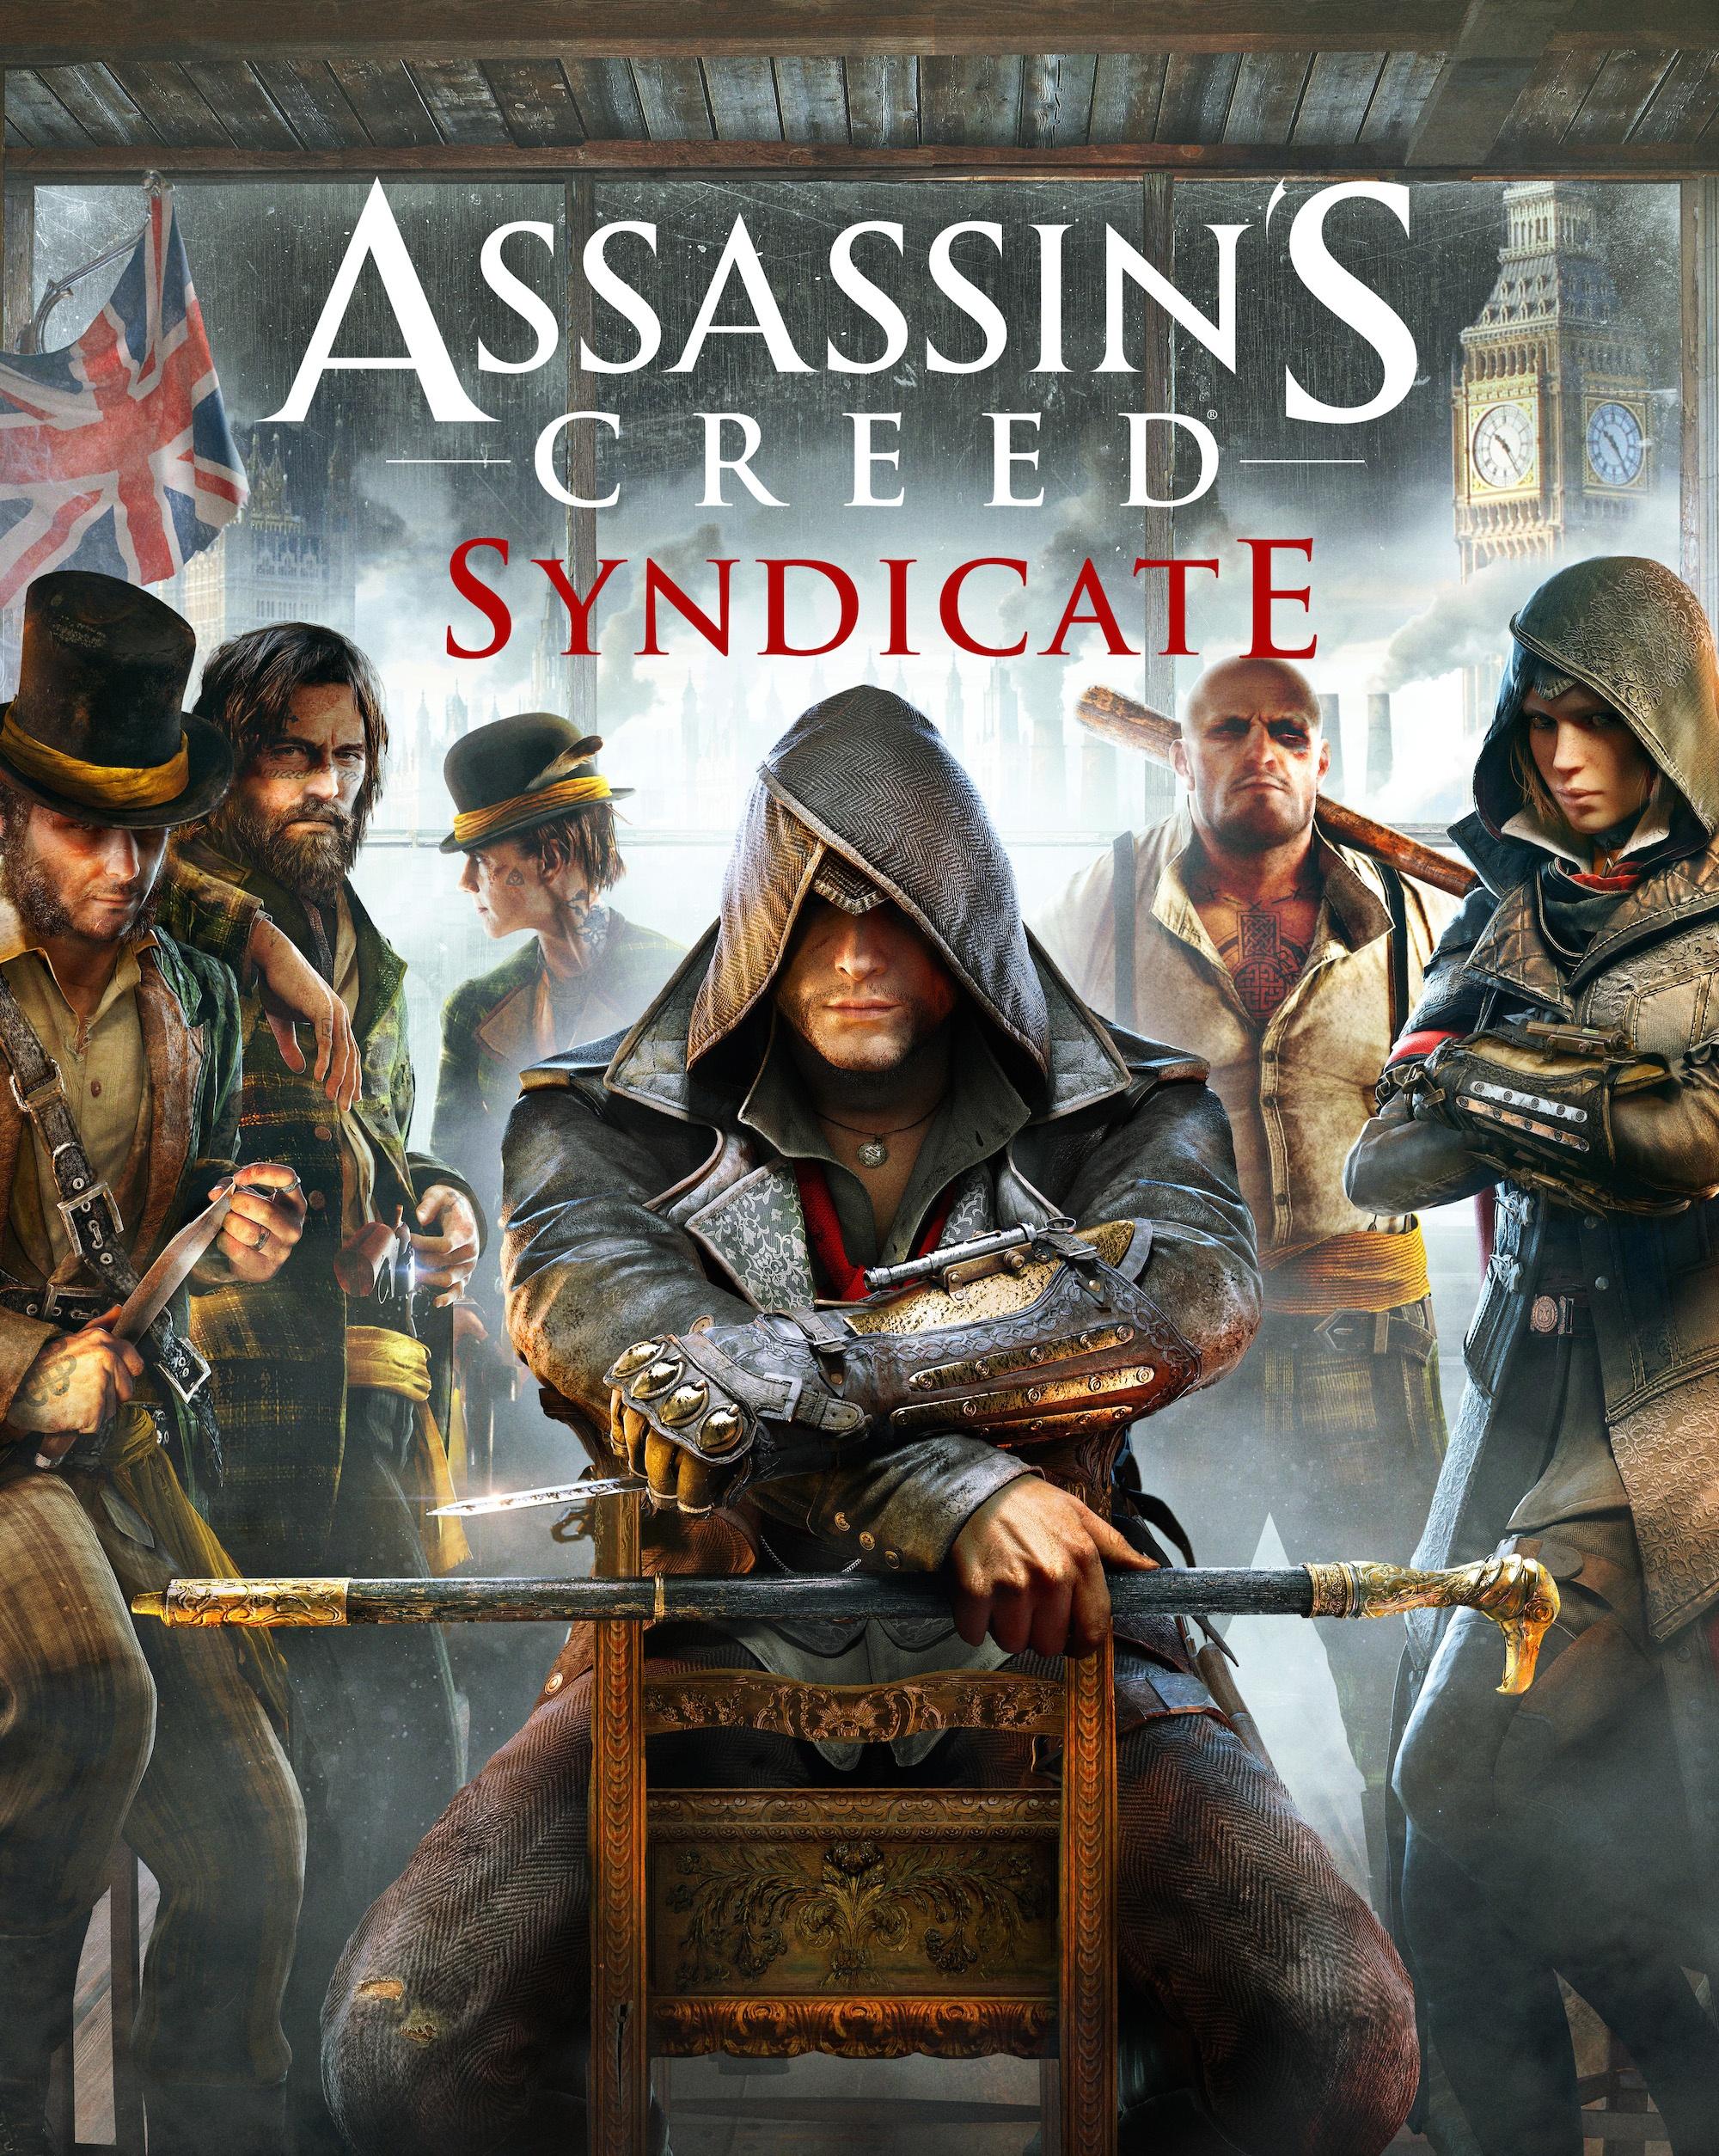 دانلود زیرنویس فارسی فیلم Assassin's Creed: Syndicate